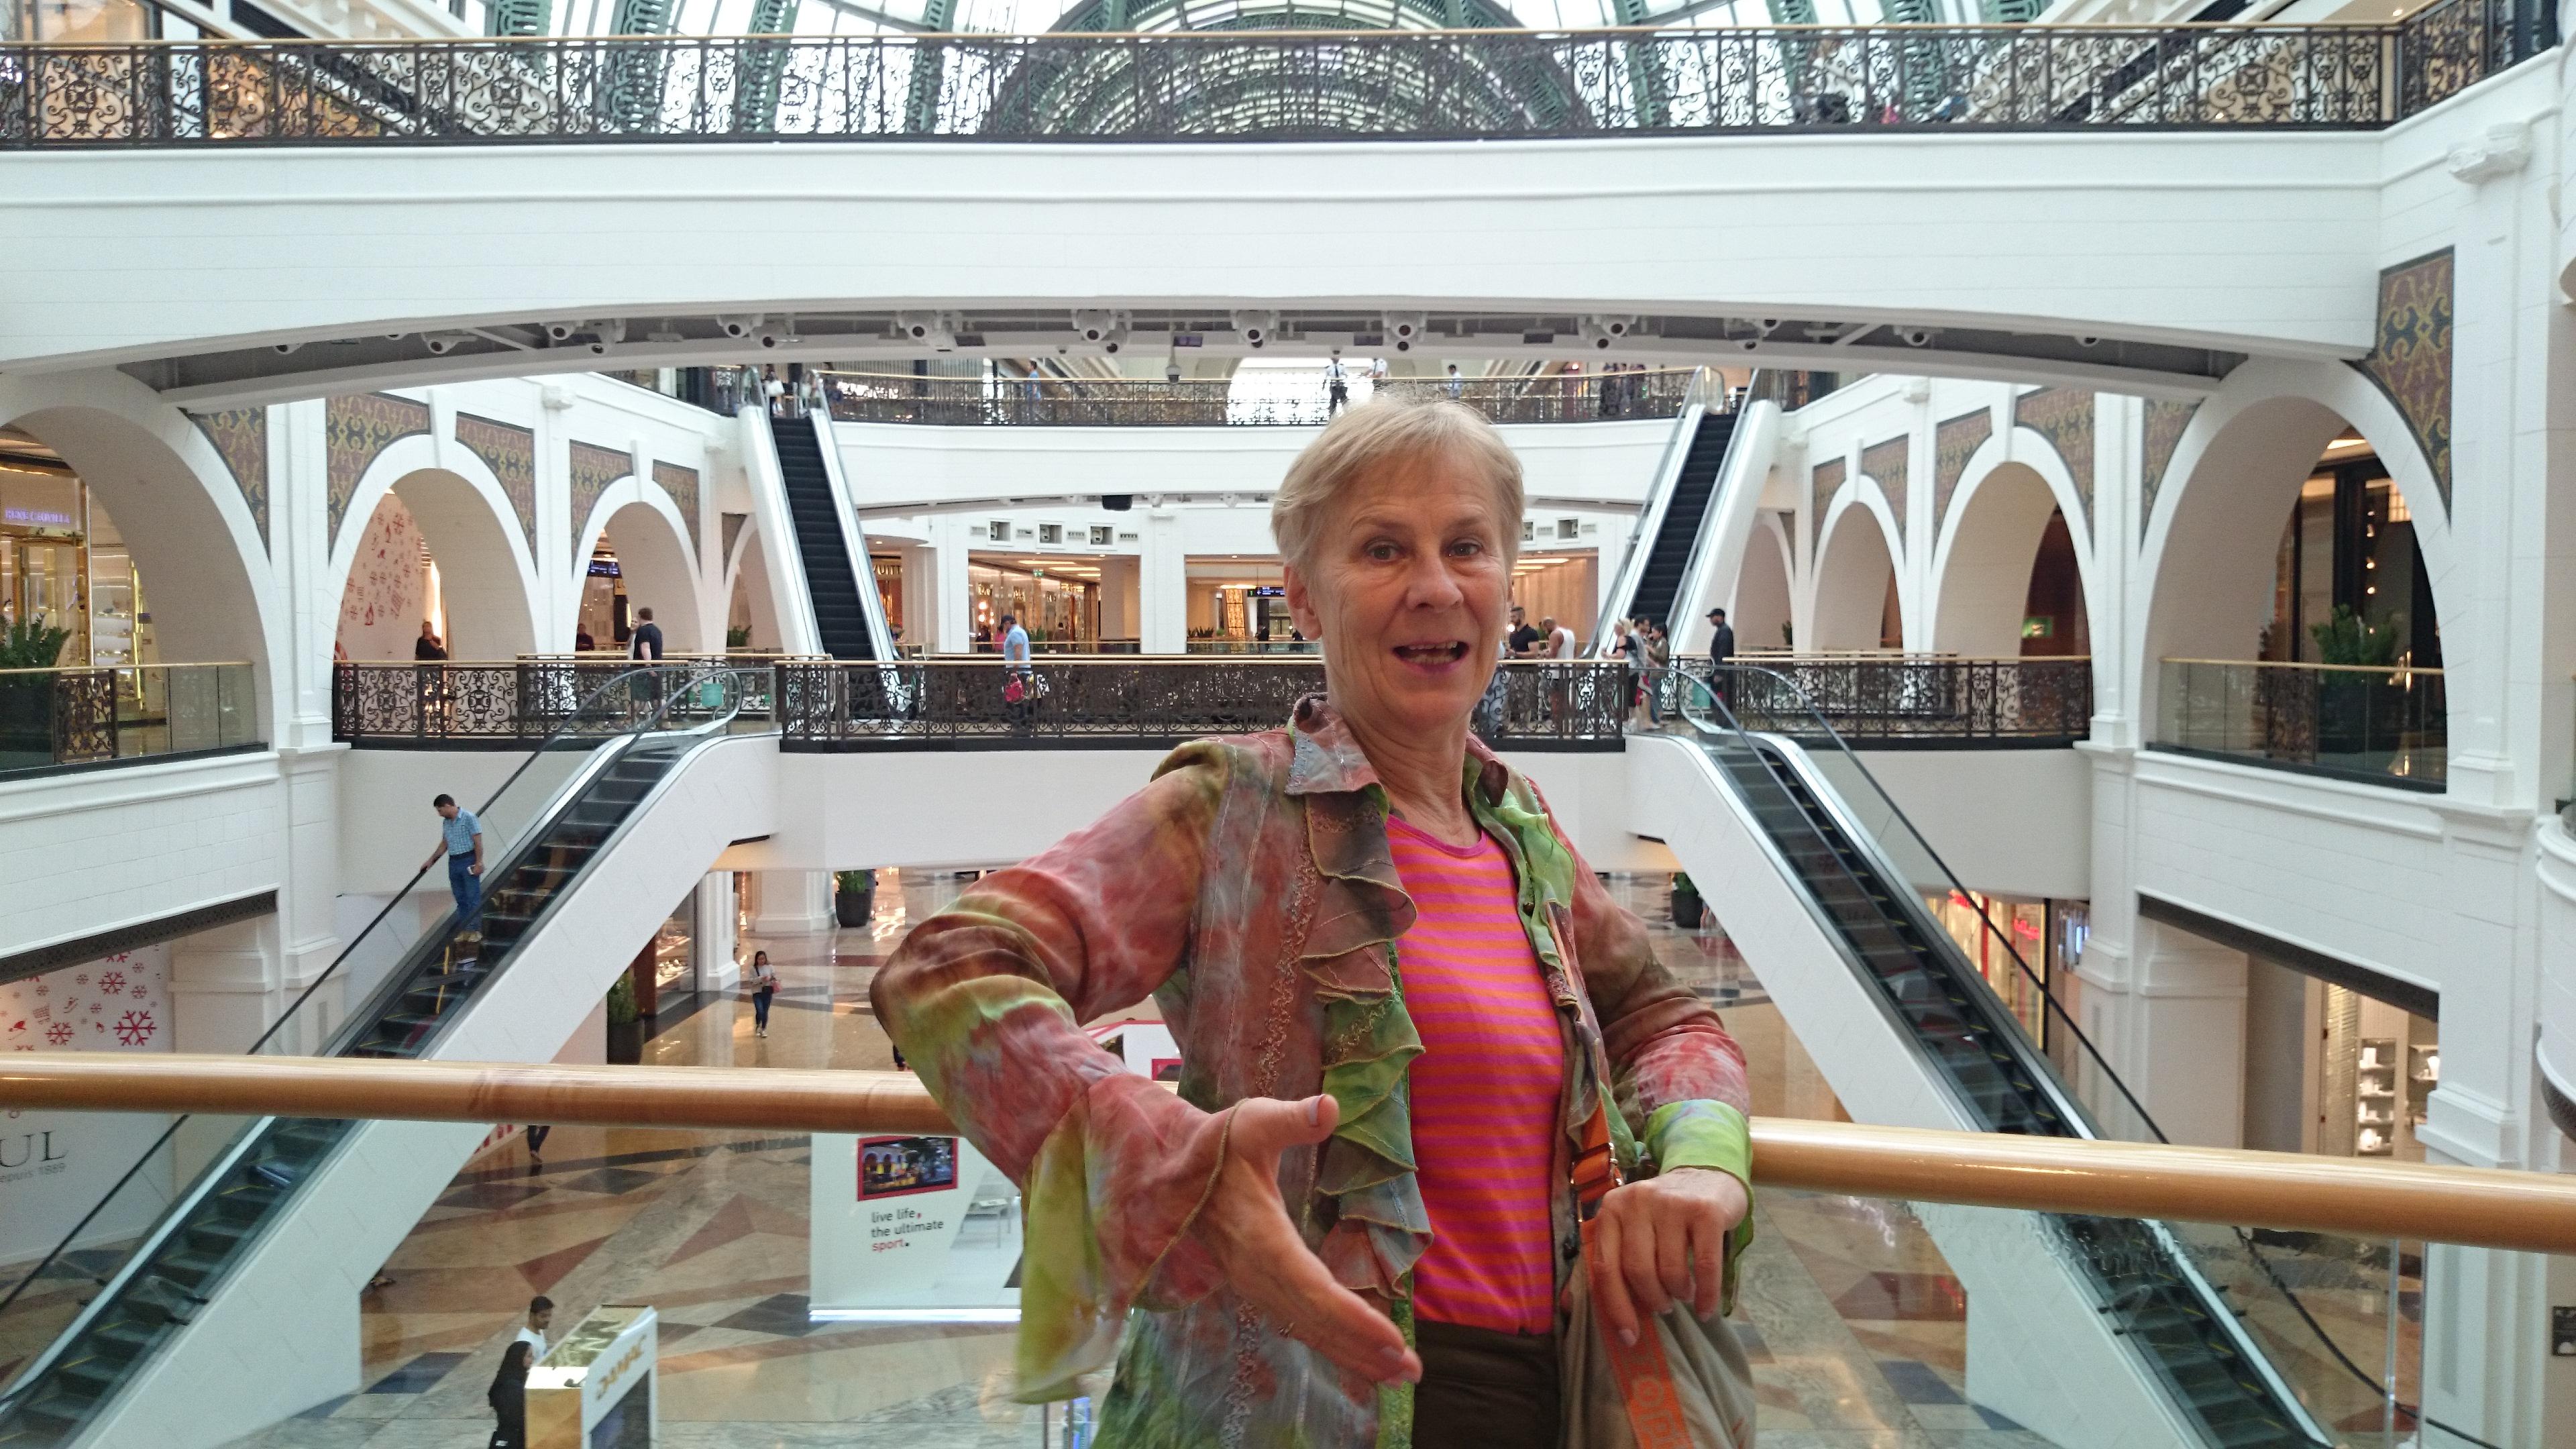 Dubaj (14.) Mall Bevásárló központ – majd ha a saját szememmel látom…